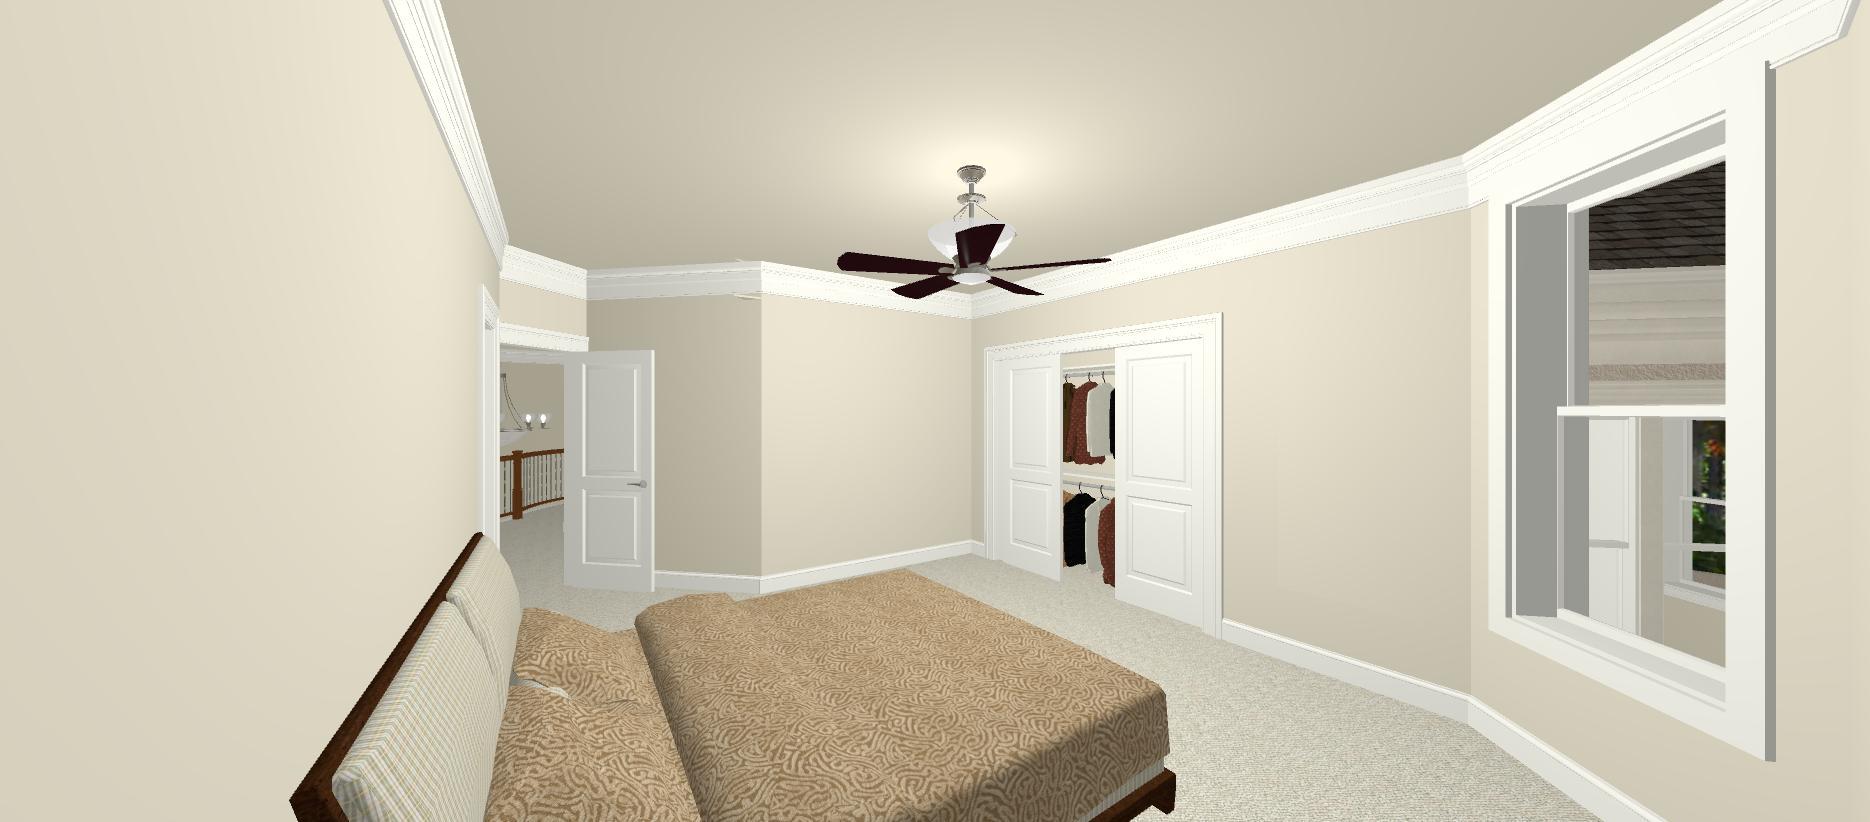 Render 13 Bedroom 4.jpg